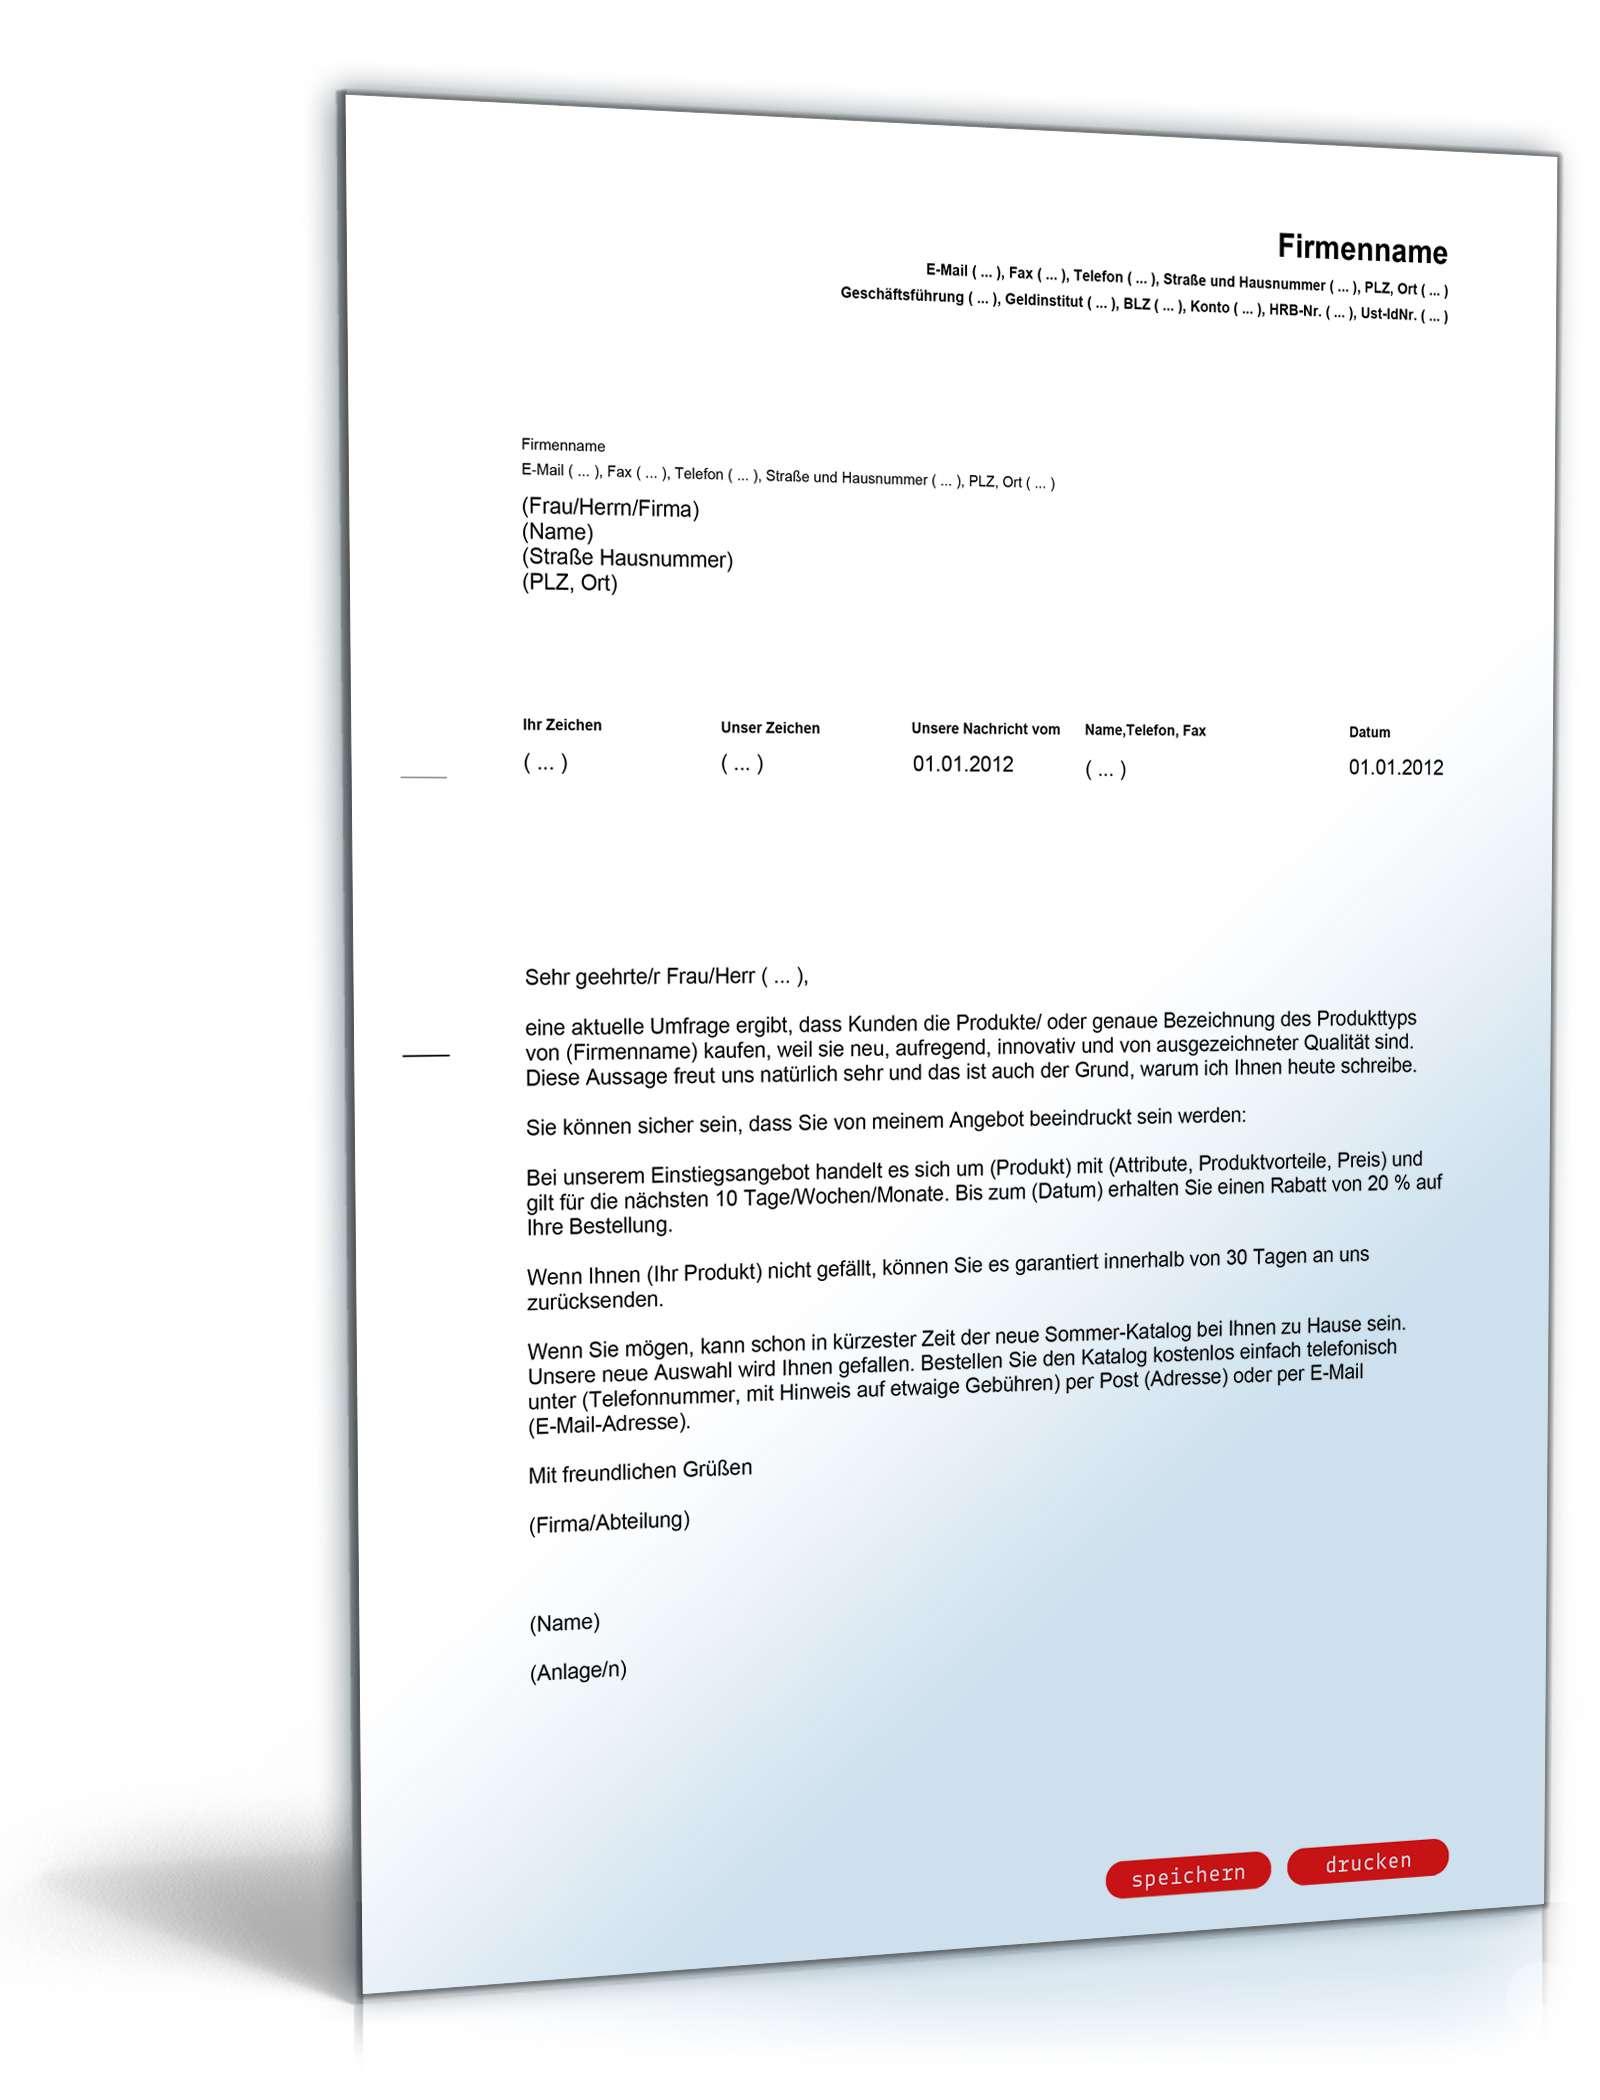 Musterbriefe Unterlagen Schicken : Allgemeiner werbebrief neue produkte vorlage zum download